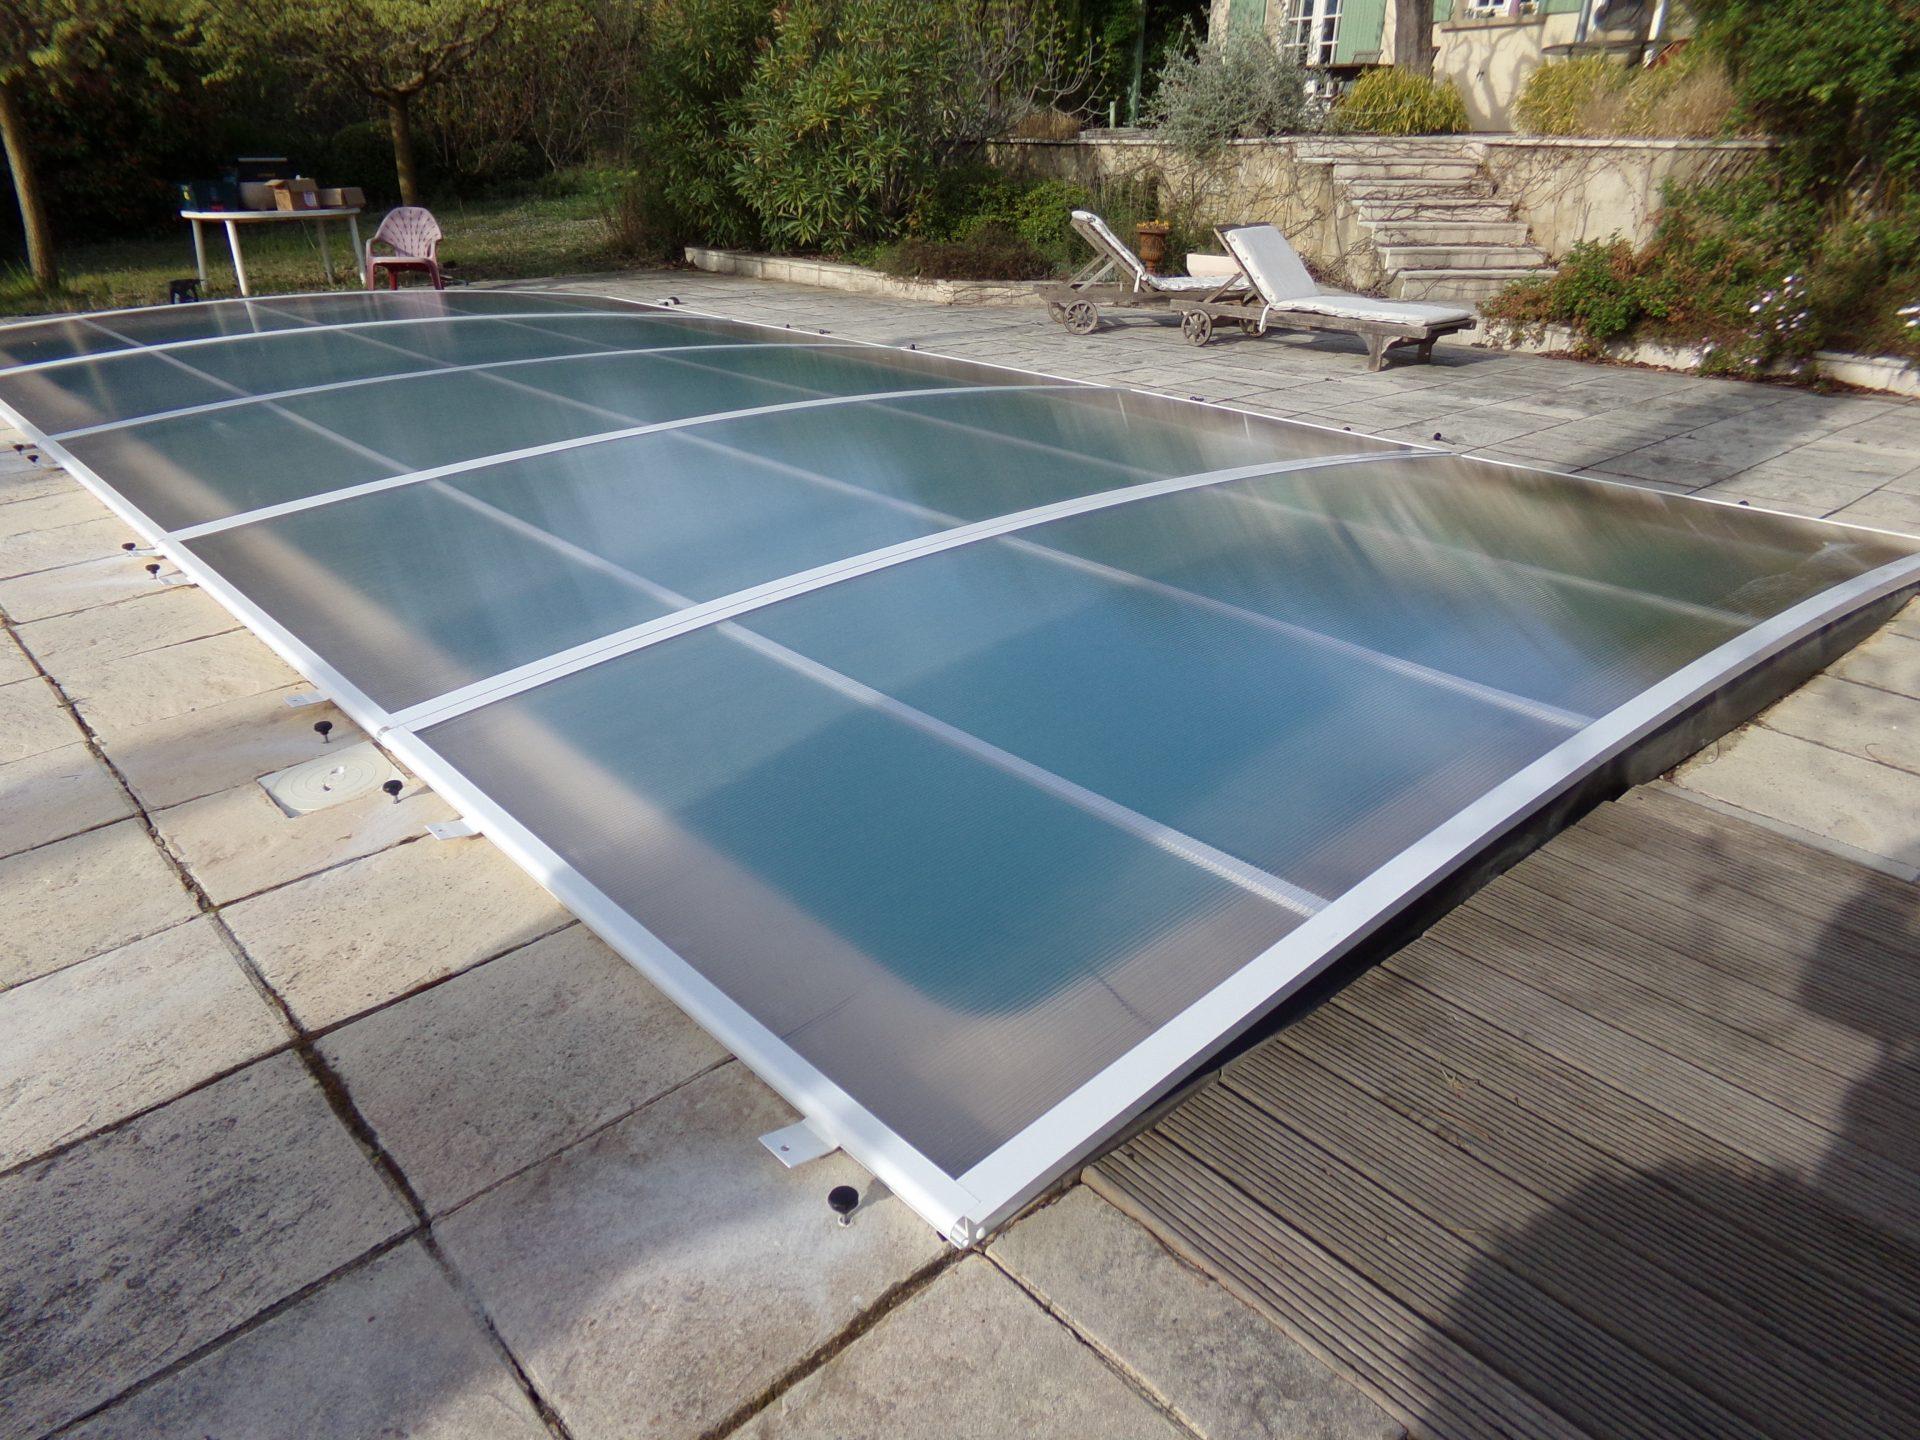 Abri piscine plat relevable mod le amsterdam bel abri for Abris piscine plat